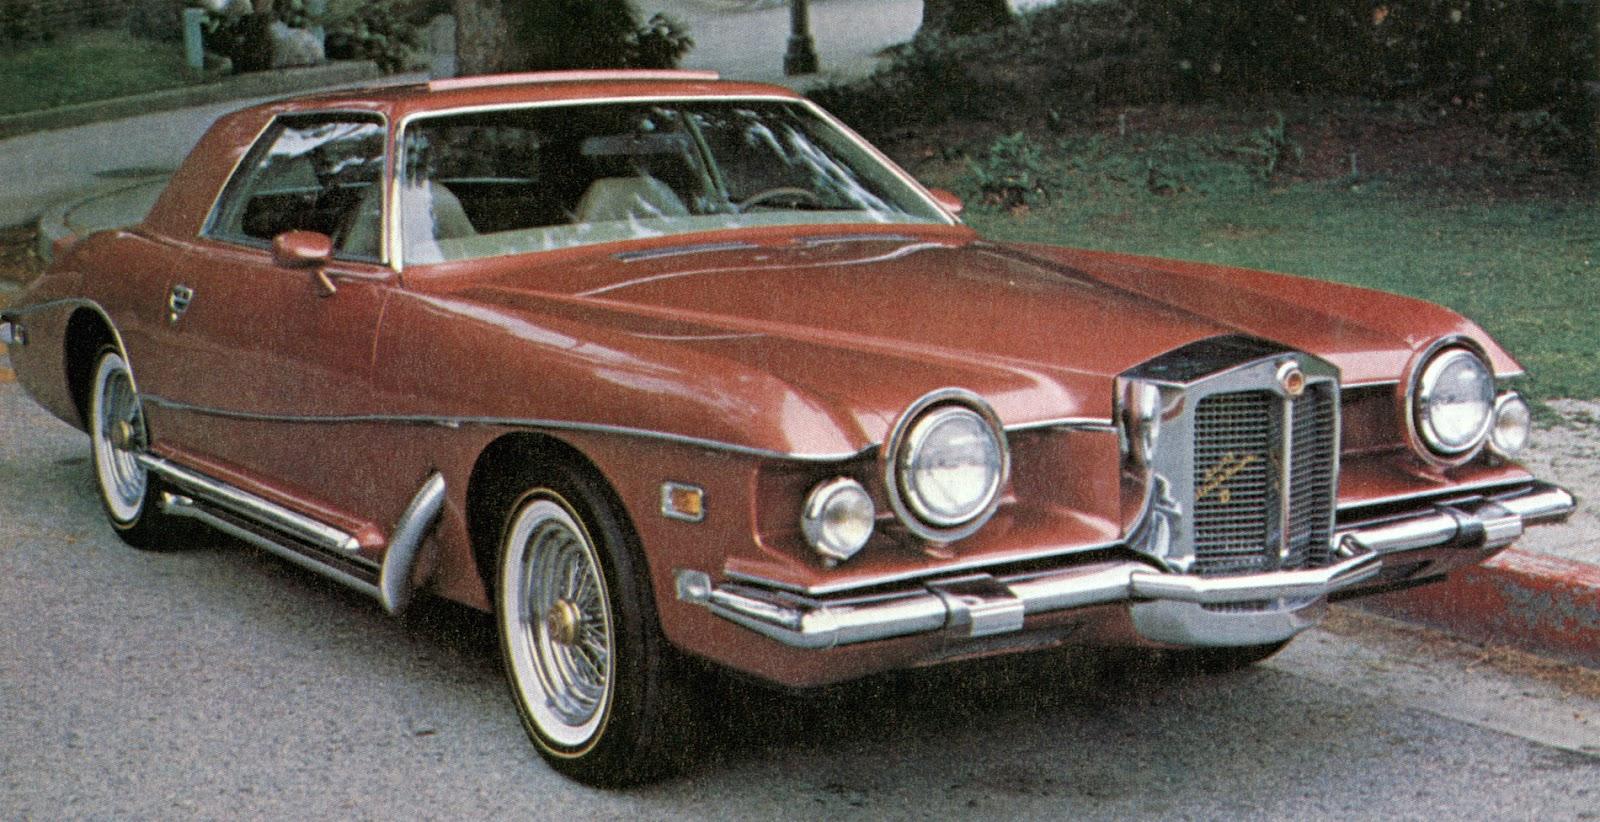 1976 Blakely Bearcat Roadster Red |1976 Stutz Bearcat